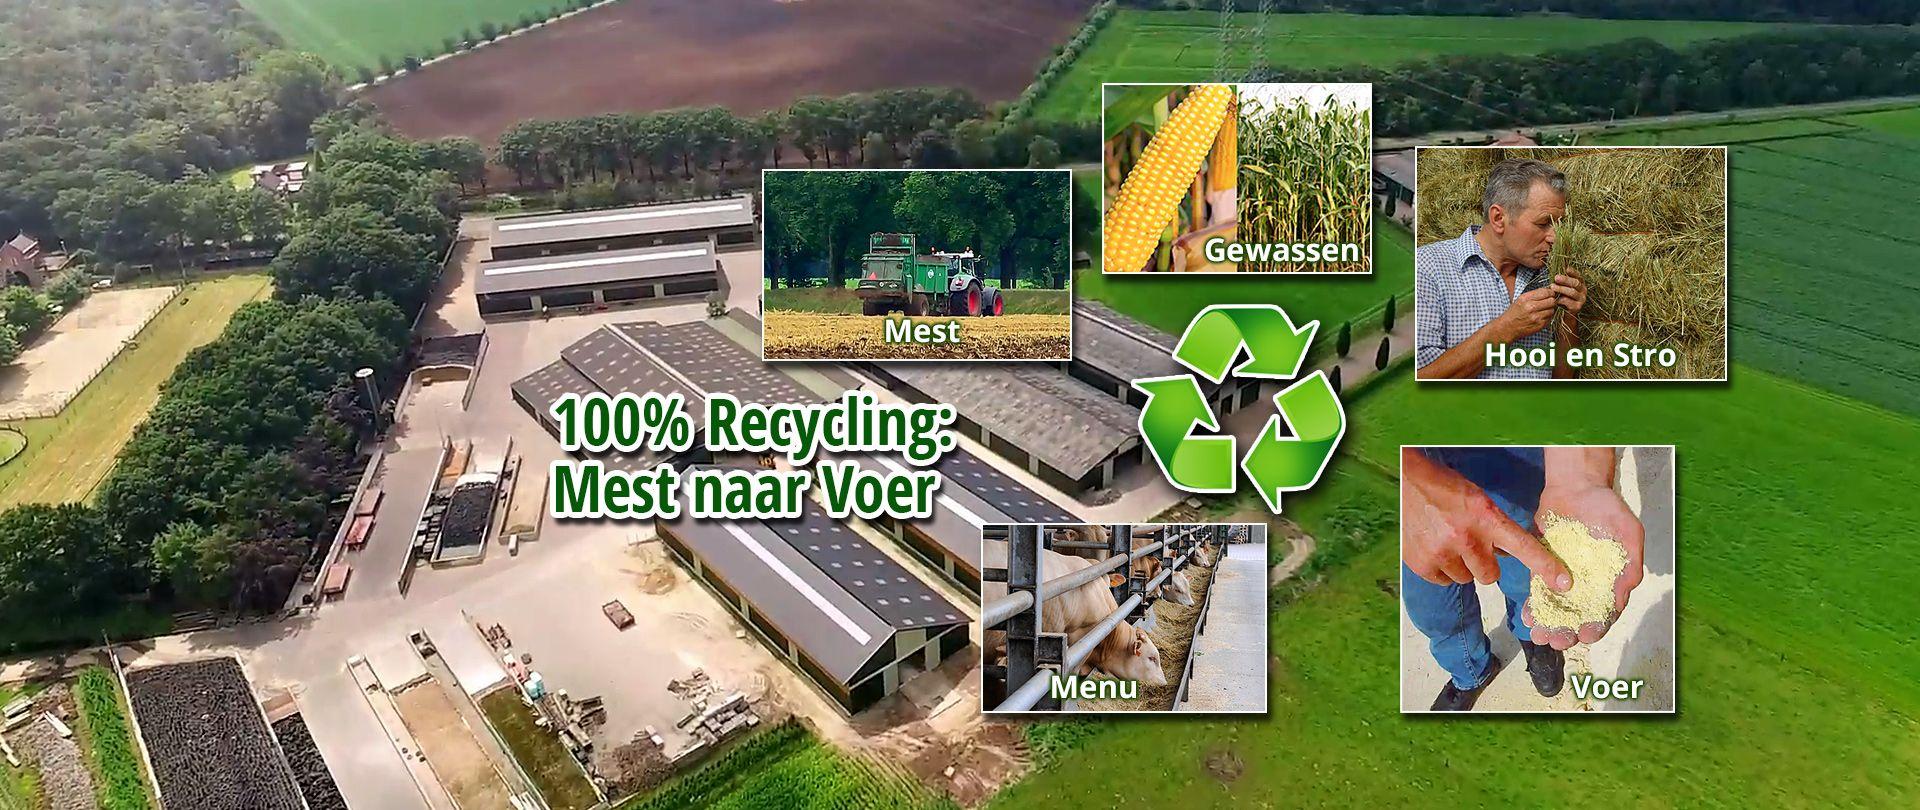 Milieubewust boeren